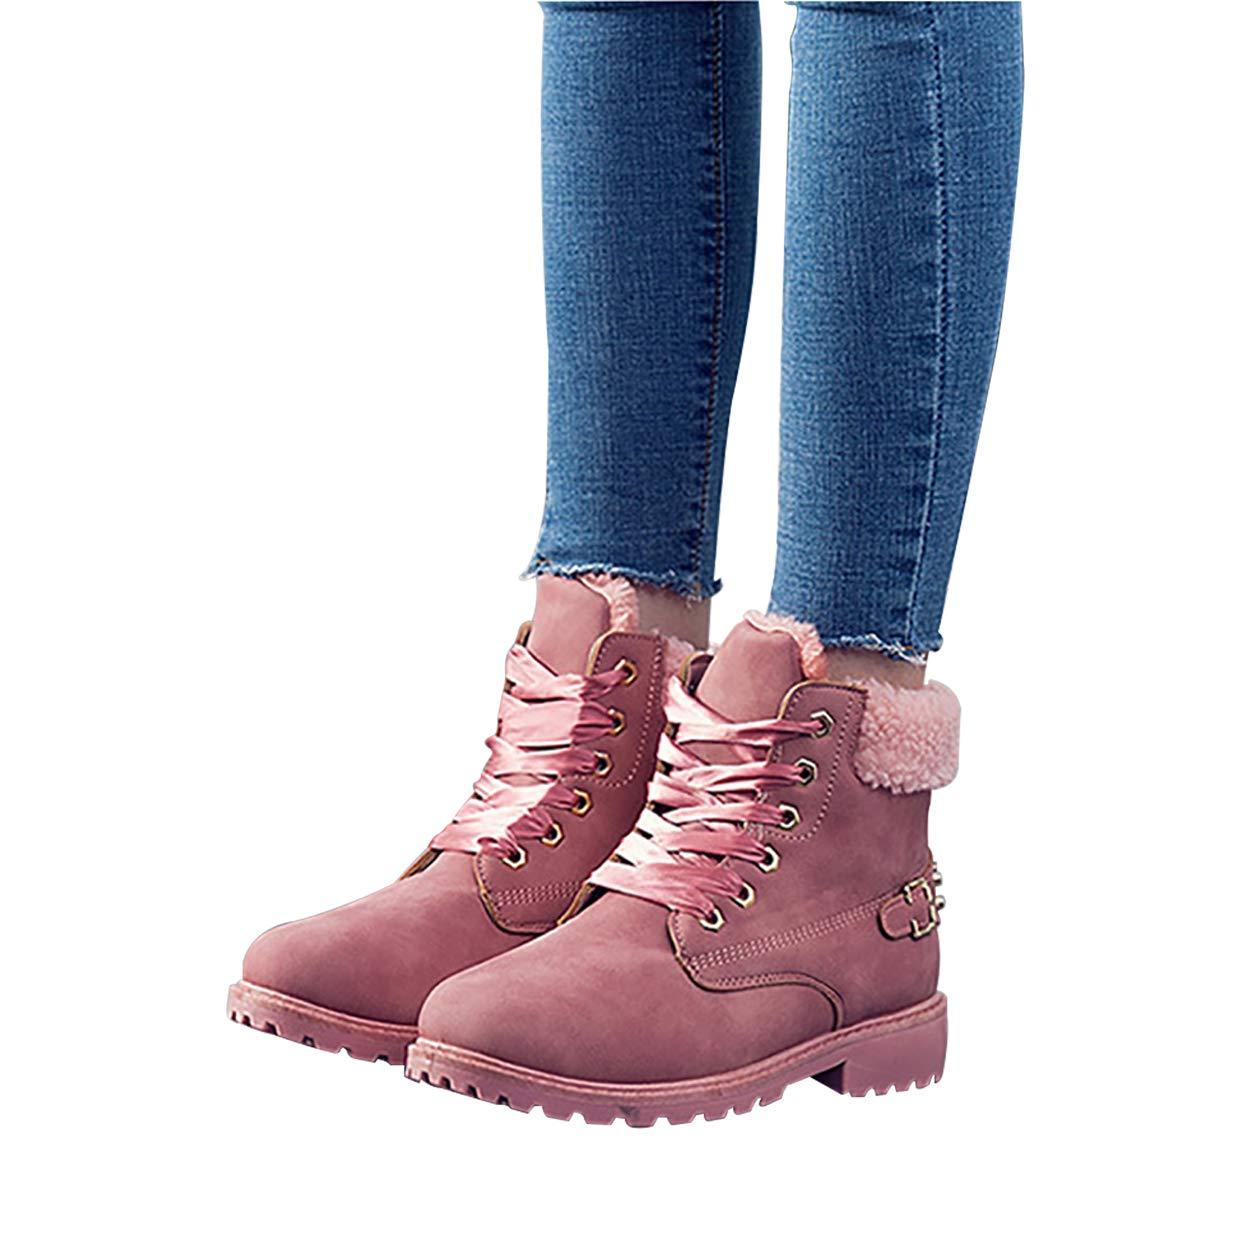 Susanny Susanny Susanny - Botas de Nieve Mujer cordón Corto el Tobillo en Invierno 05f4d7